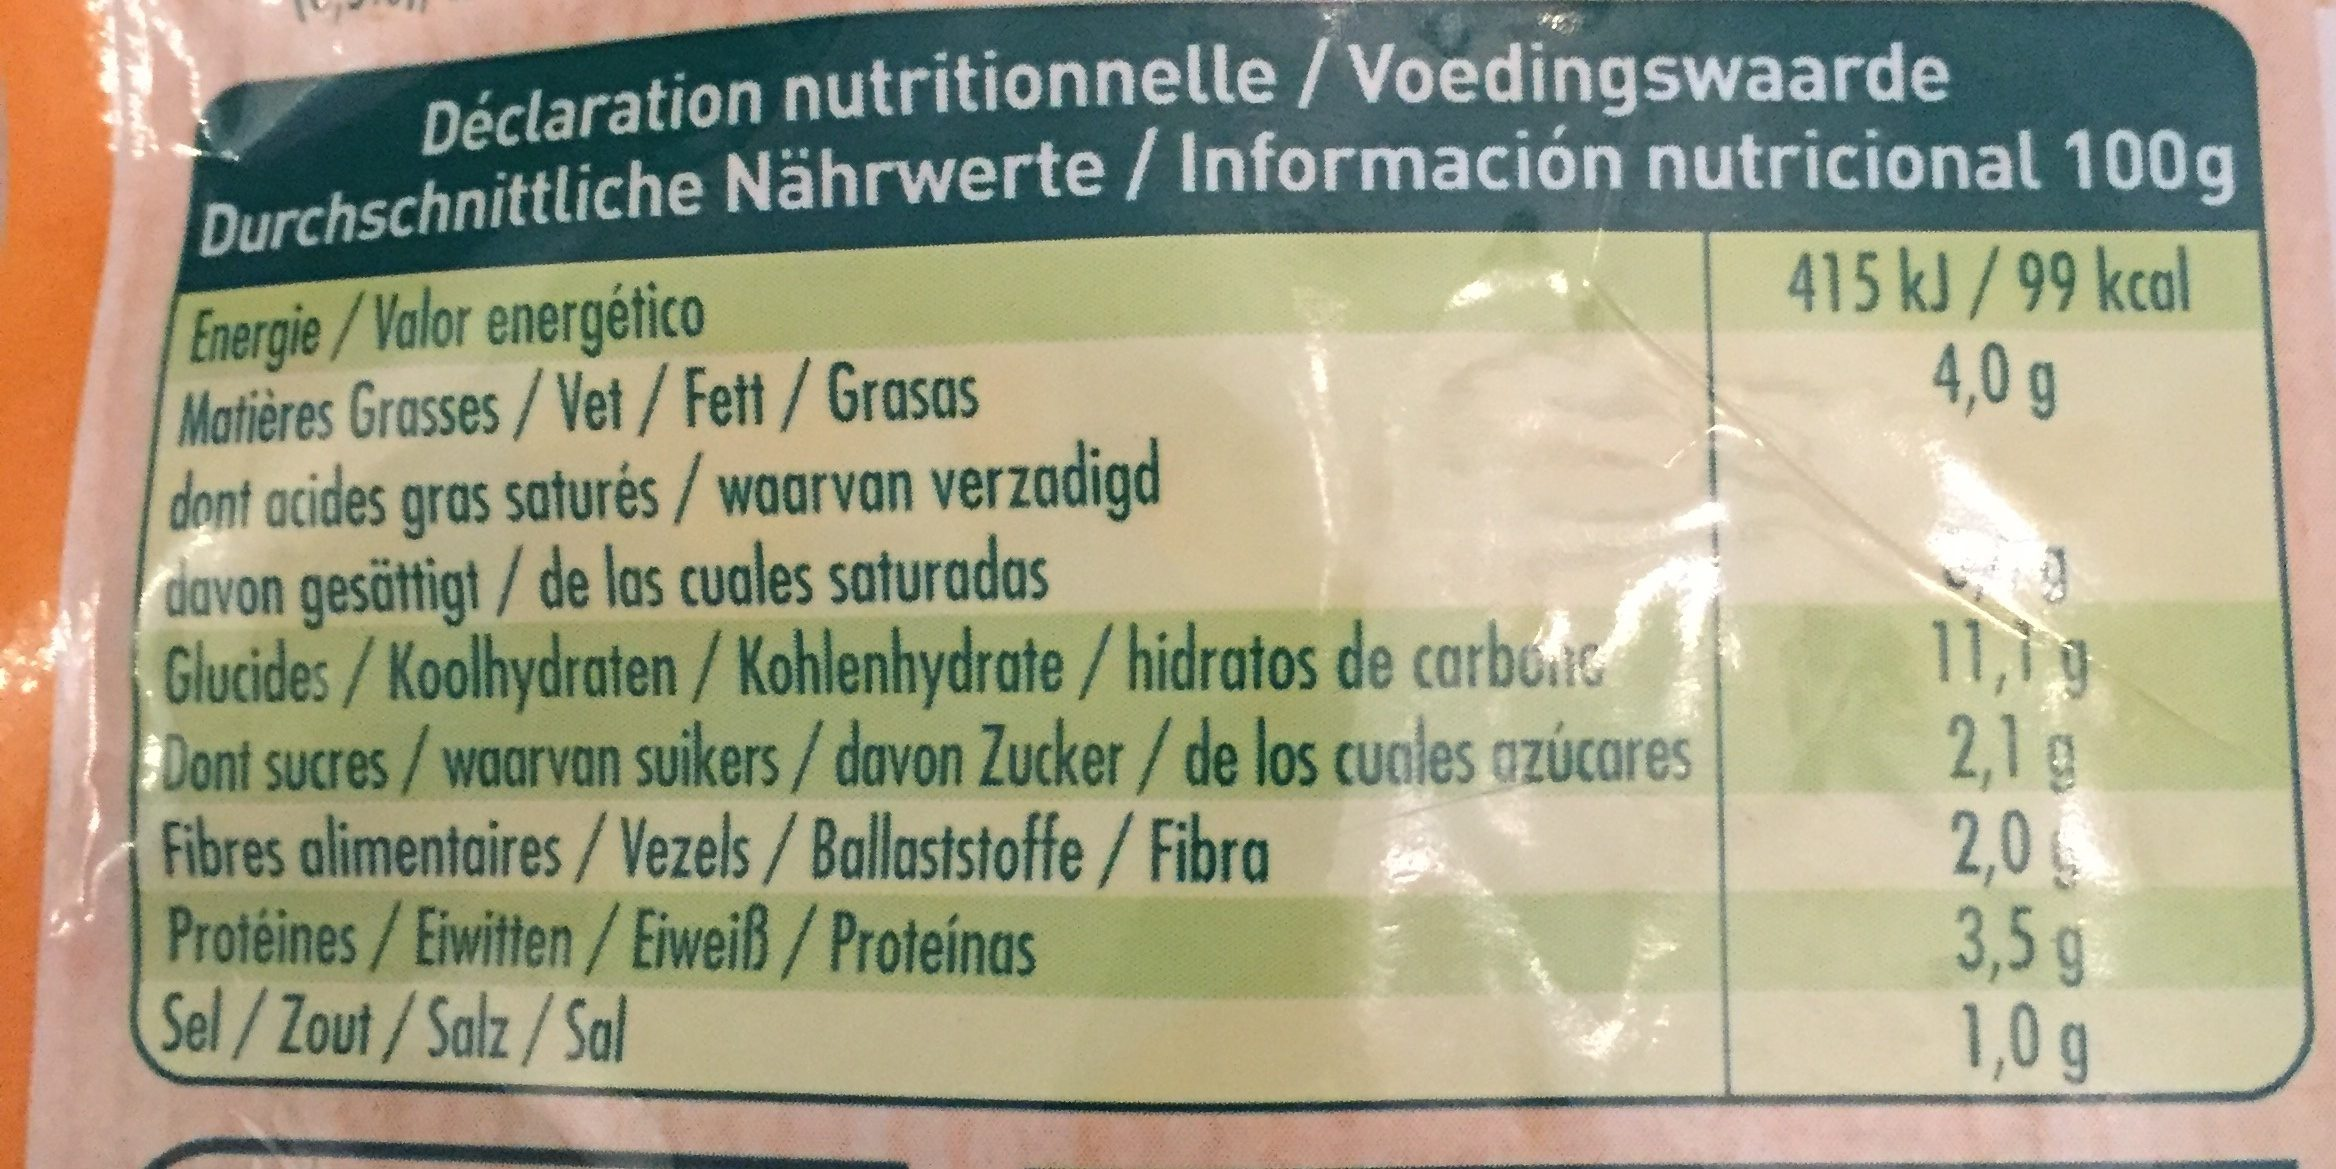 Genial Tofu Nährwerte Referenz Von Chili Con Et Riz - Ingredients